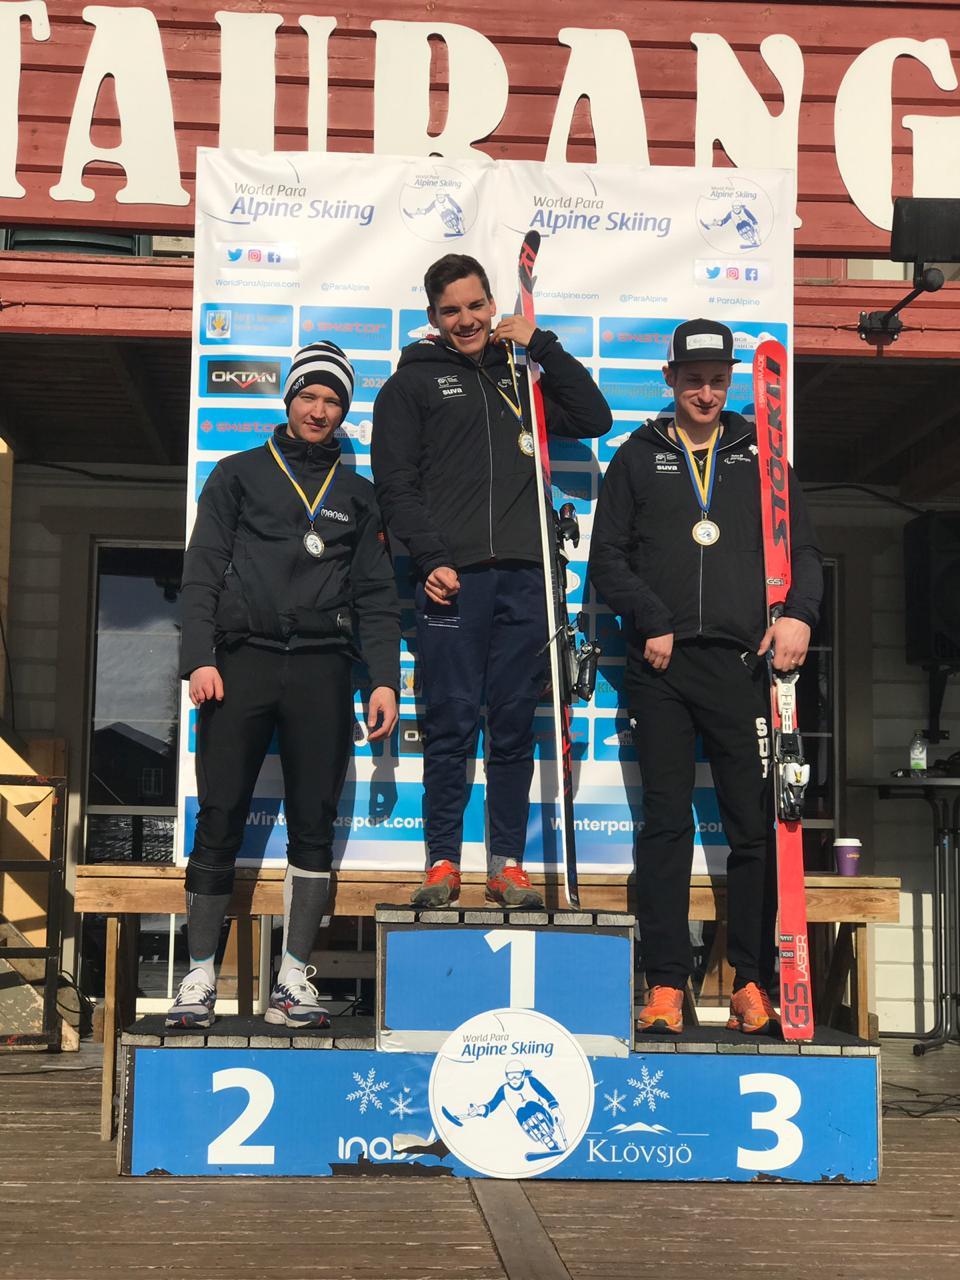 Российские спортсмены завоевали 5 золотых, 3 серебряные и 2 бронзовые медали по итогу 2 дней финального этапа Кубка Европы по горнолыжному спорту среди лиц с ПОДА и нарушением зрения в Швеции